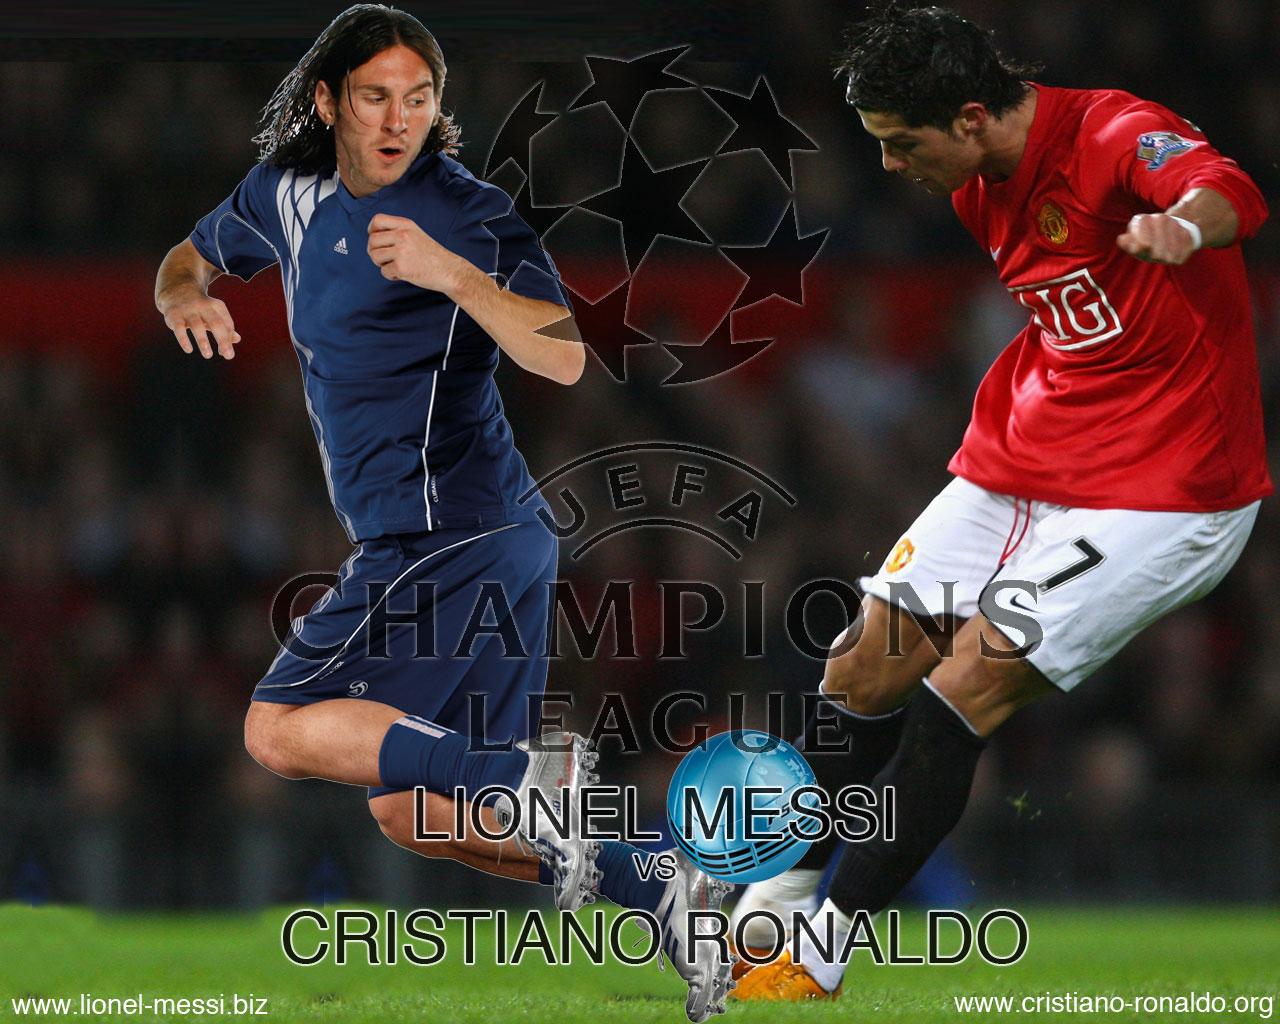 http://2.bp.blogspot.com/-5_O89j38l4Y/Tjz22i59qtI/AAAAAAAAAzg/_UrMyBgCKC8/s1600/cristiano-ronaldo-vs-lionel-messi-192.jpg